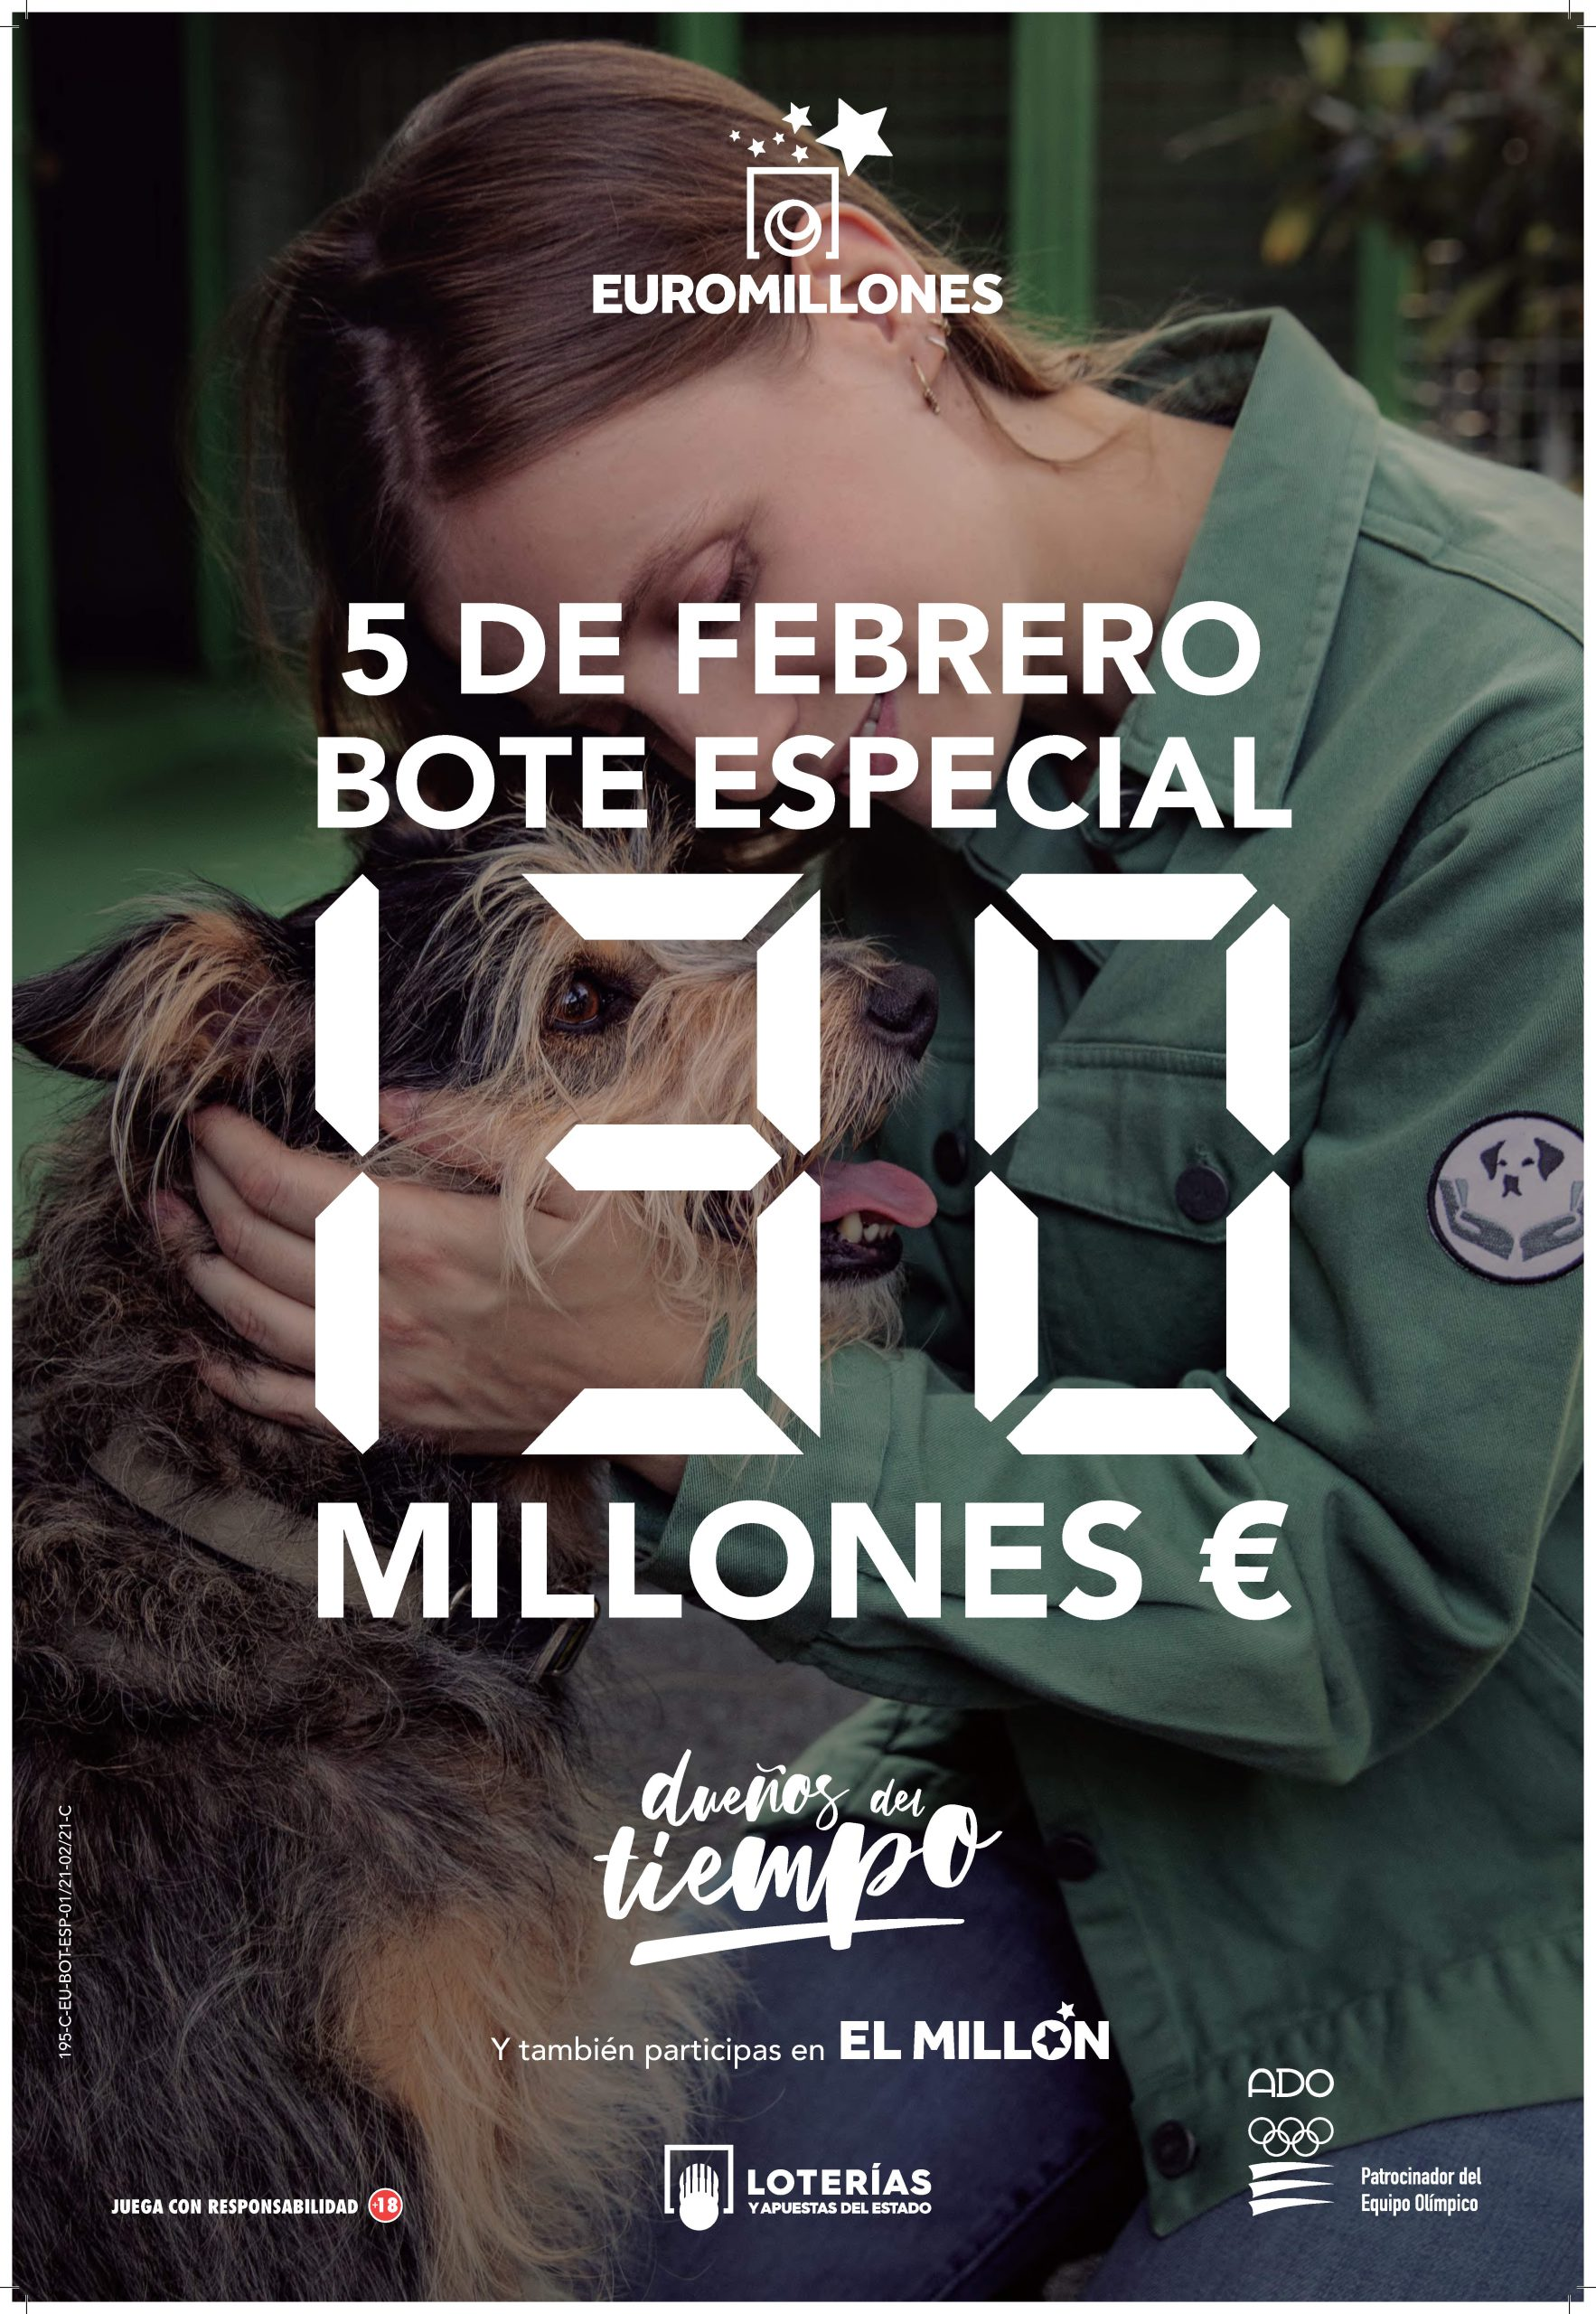 SORTEO ESPECIAL 130 MILLONES DE EUROS 5 DE FEBRERO